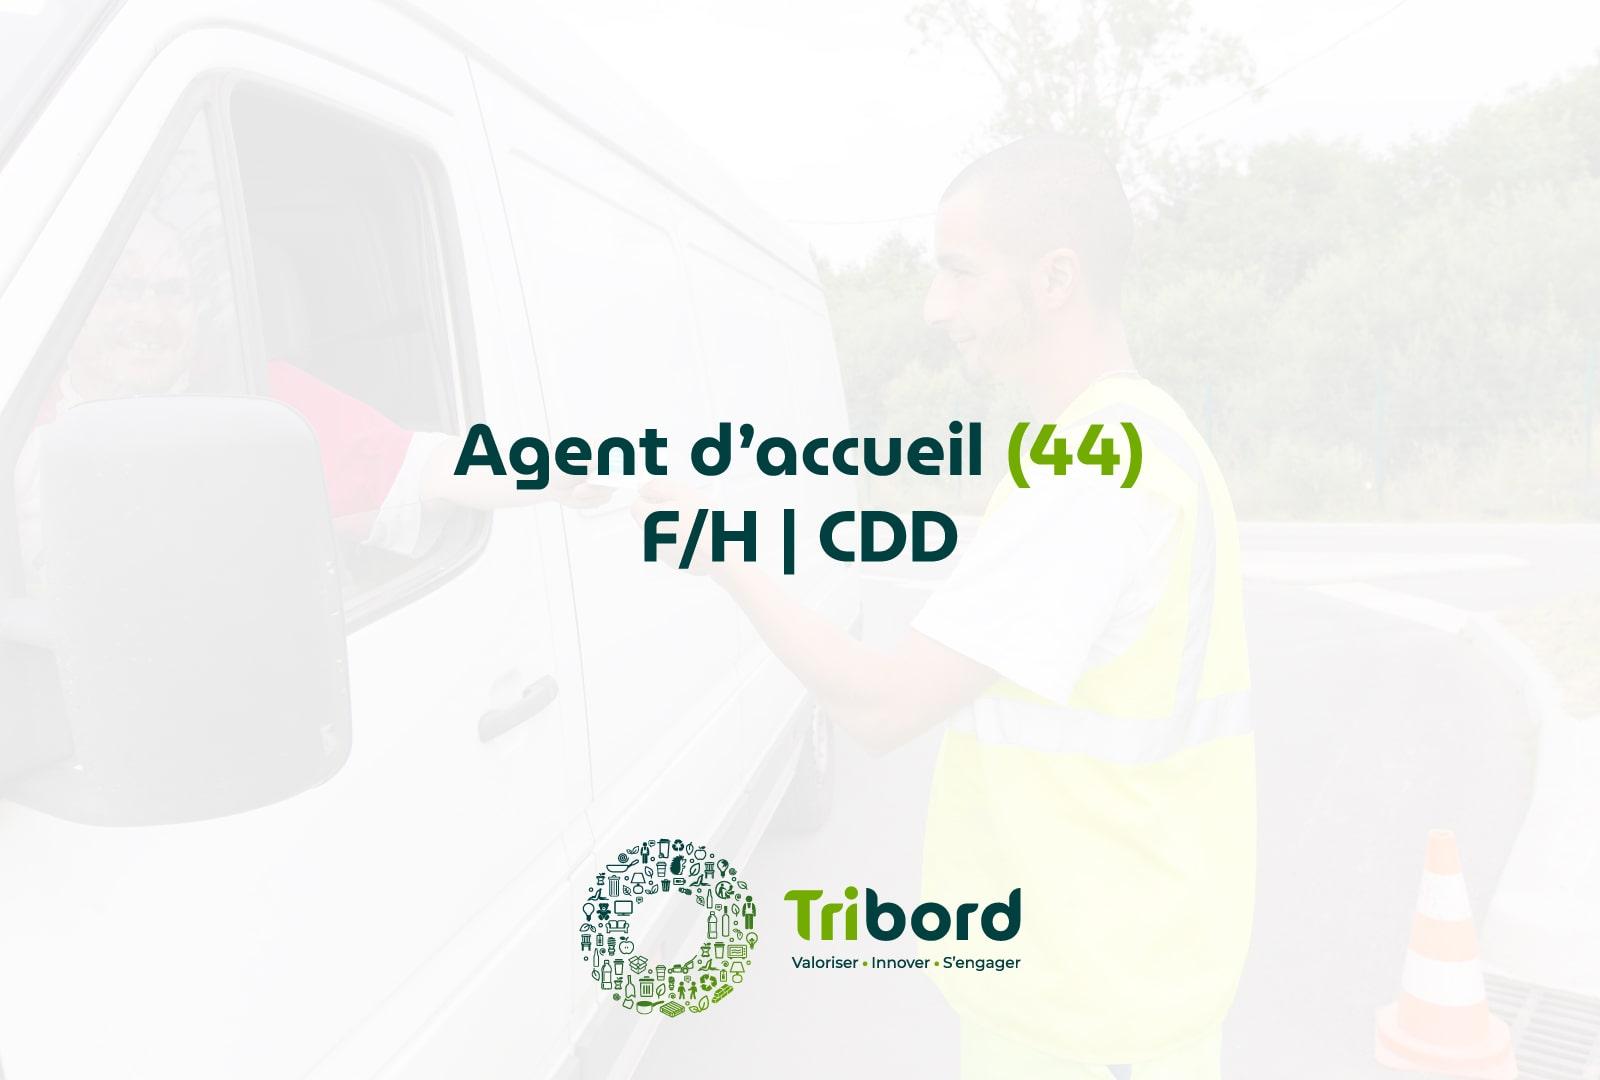 Offre d'emploi Agent d'accueil 44 Tribord